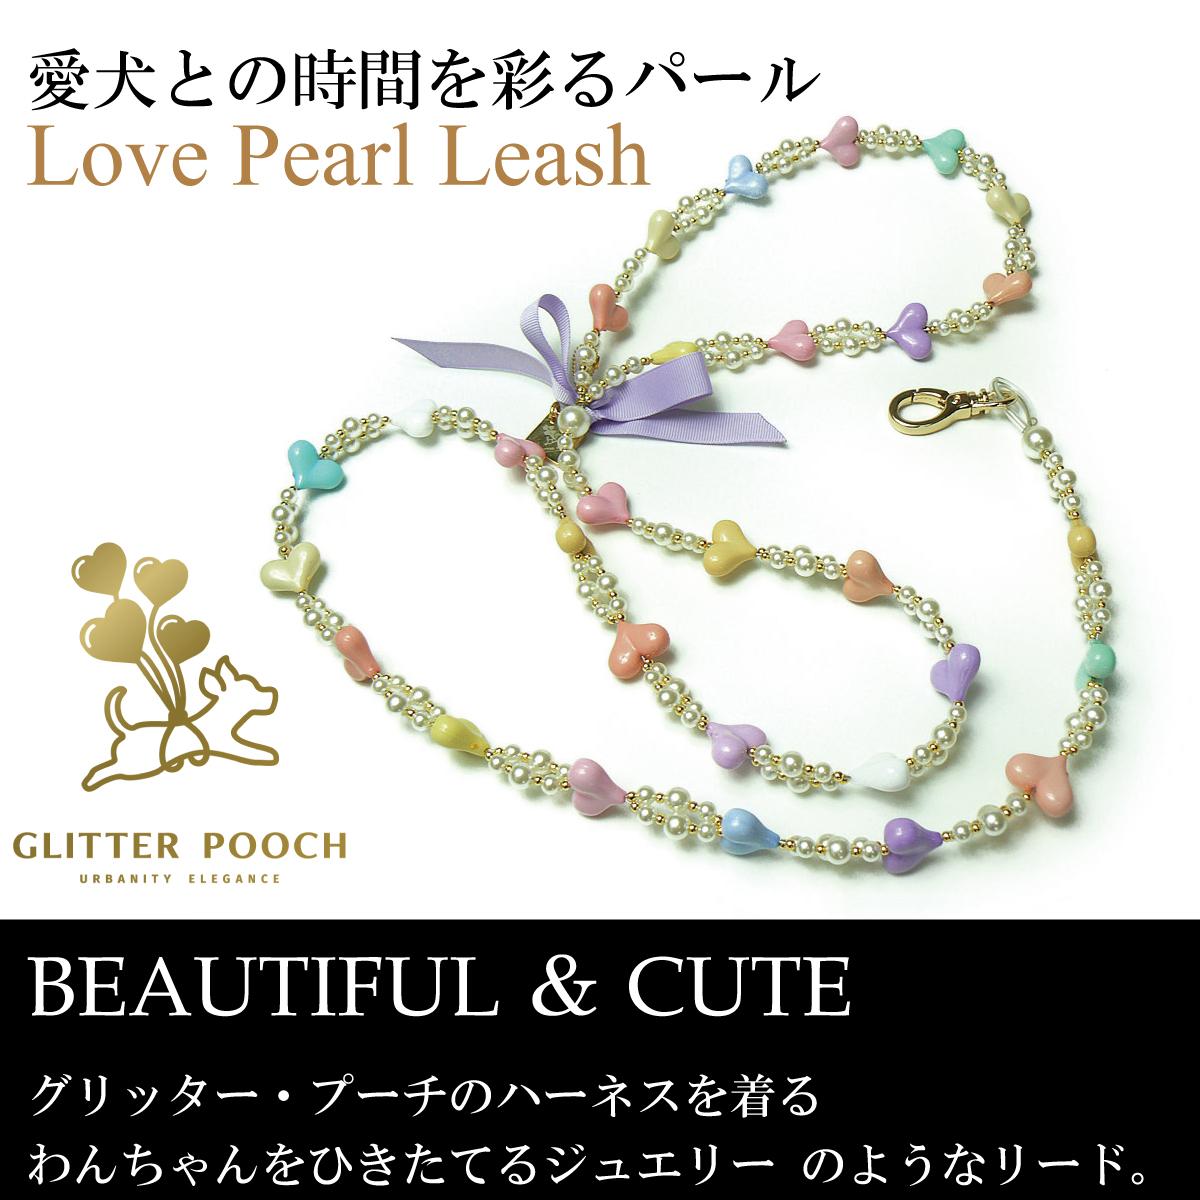 愛犬との時間を彩るパール「Love Pearl Leash」グリッター・プーチのハーネスを着るわんちゃんをひきたてるジュエリー のようなリード。